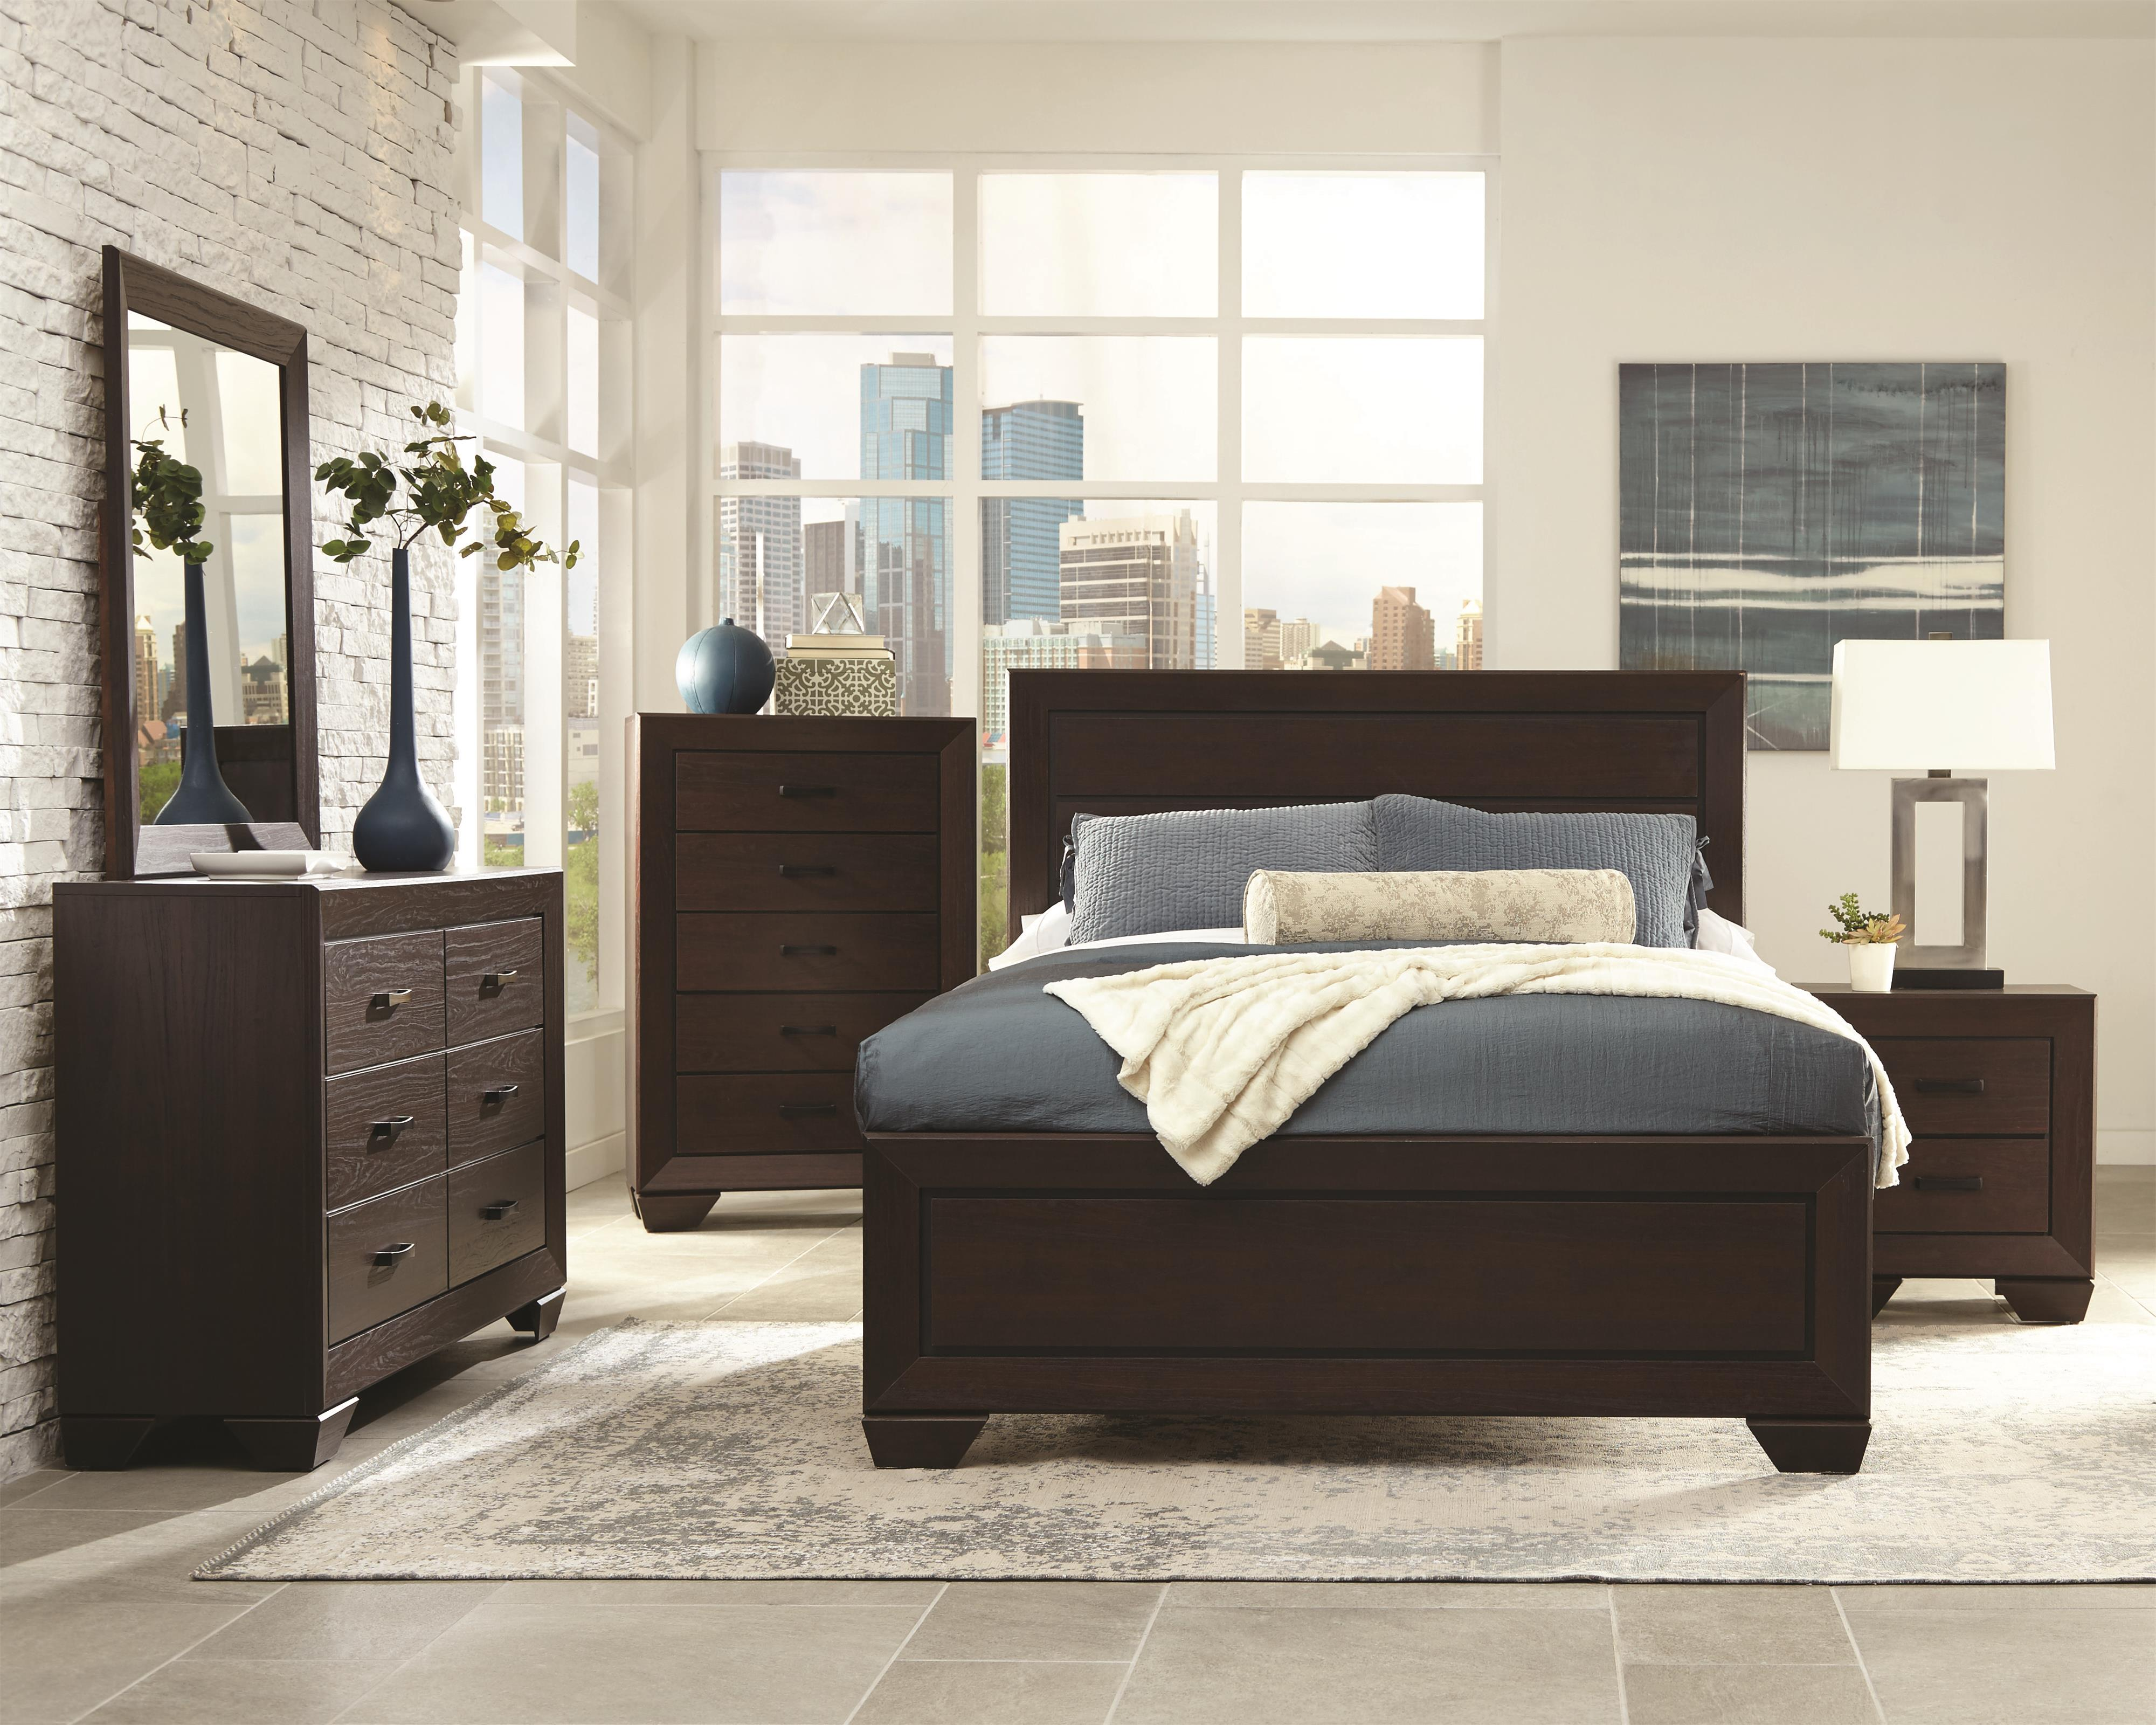 coaster fenbrook king bedroom group beck 39 s furniture bedroom groups. Black Bedroom Furniture Sets. Home Design Ideas